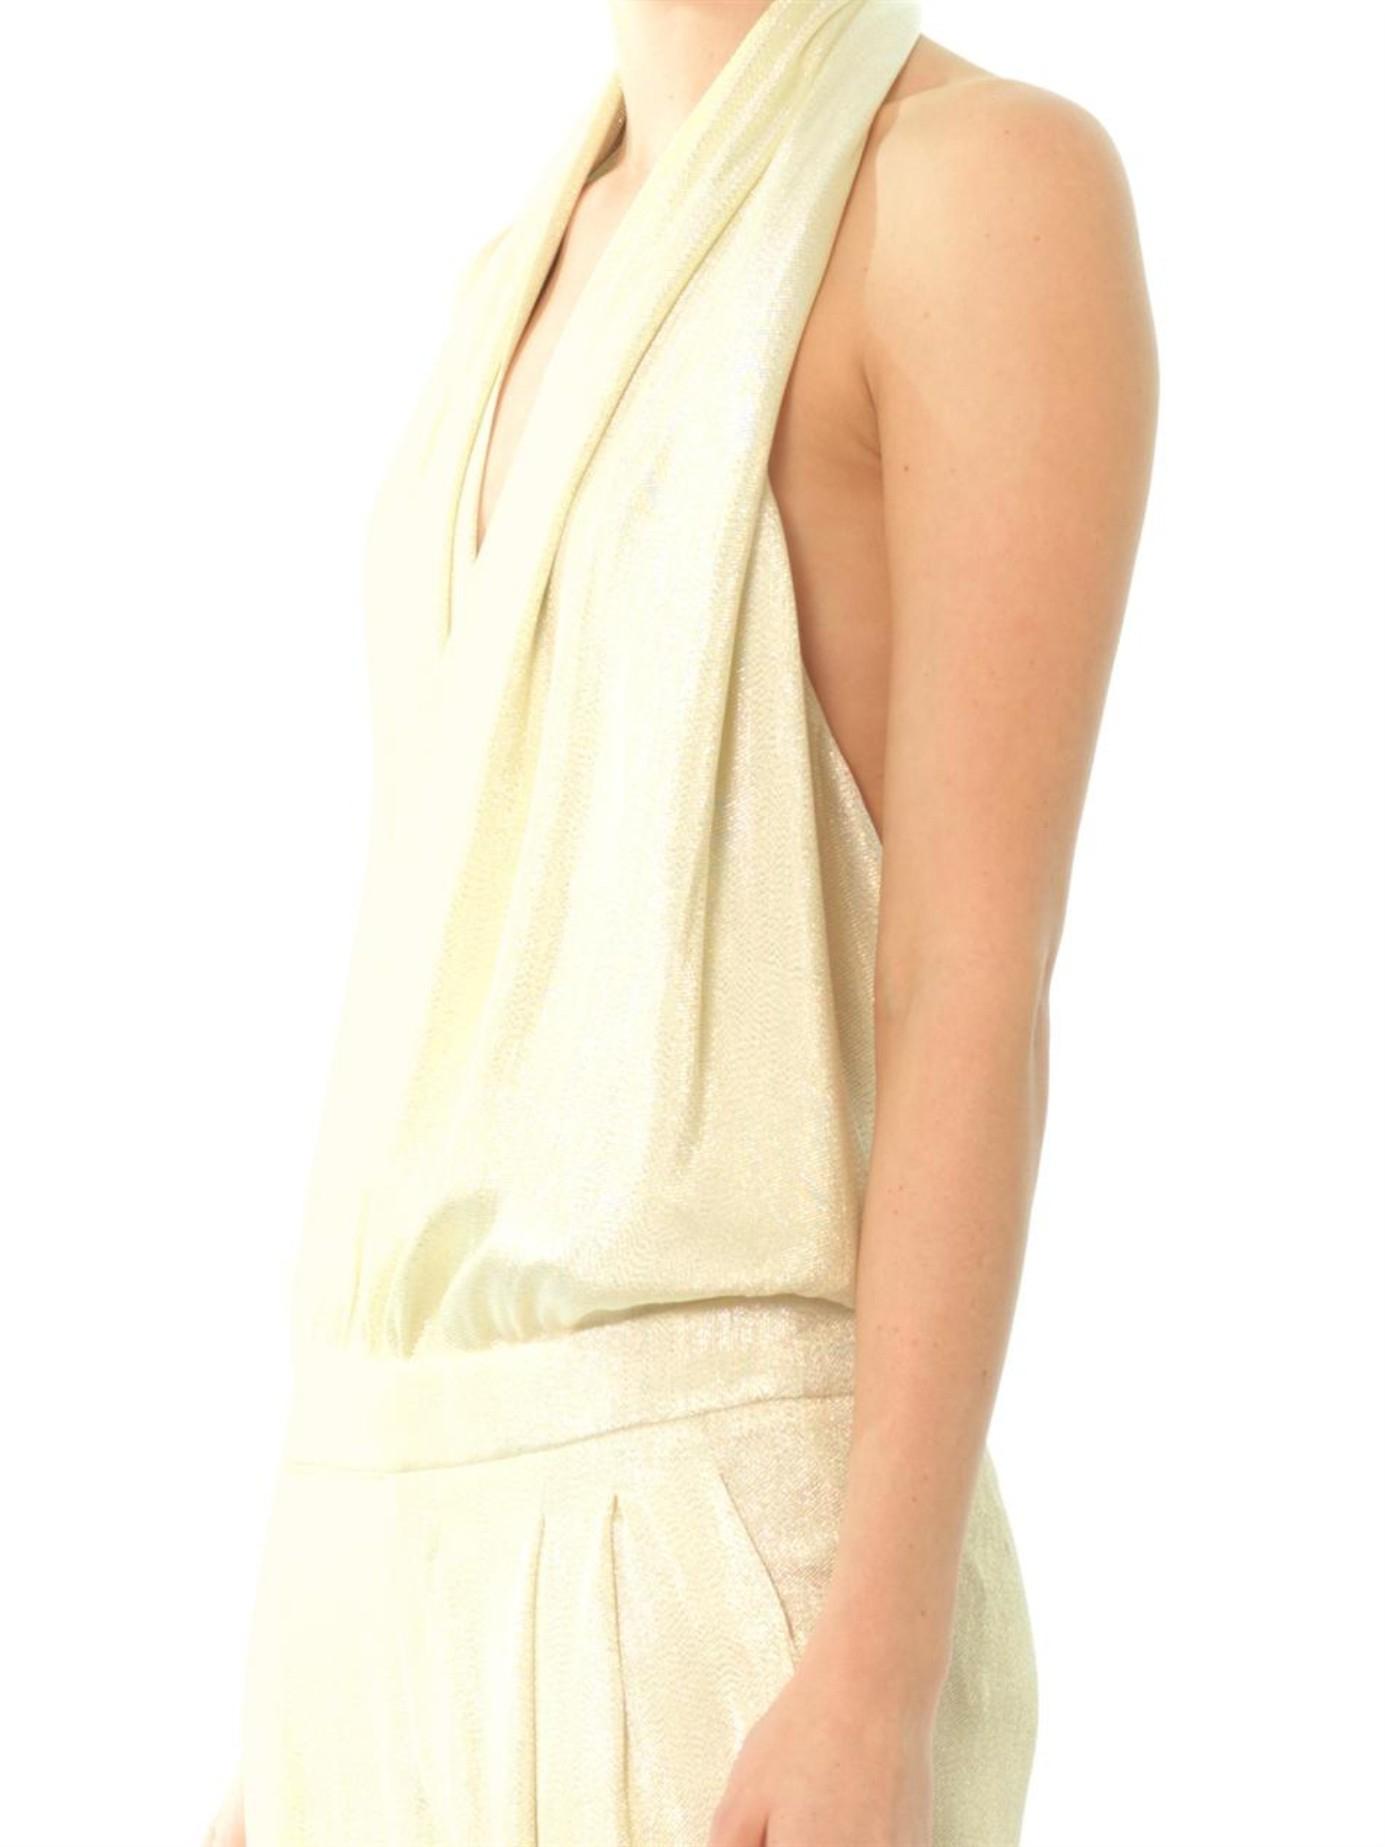 044a738d498 Gucci Liquid Lamé Jumpsuit in White - Lyst